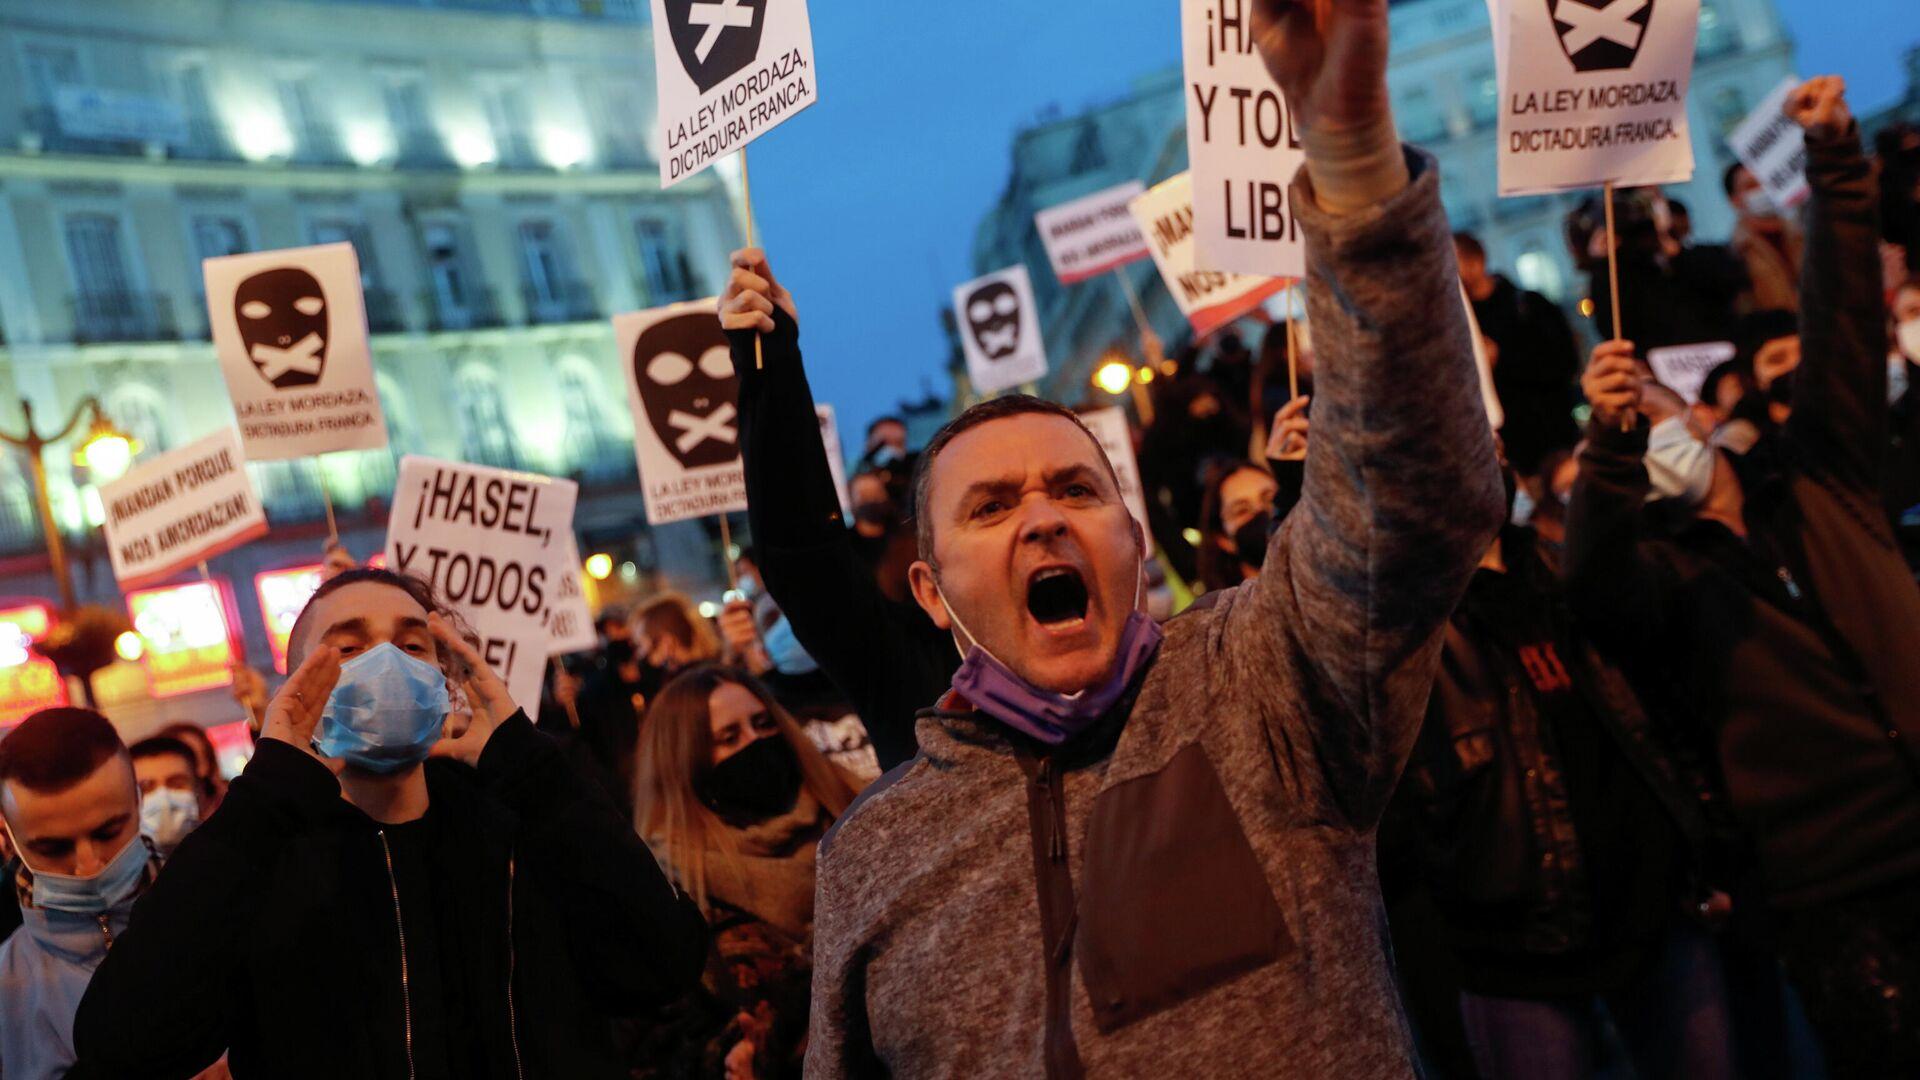 Protestas en apoyo al rapero Pablo Hasél en Madrid, el 17 de febrero del 2021 - Sputnik Mundo, 1920, 17.02.2021